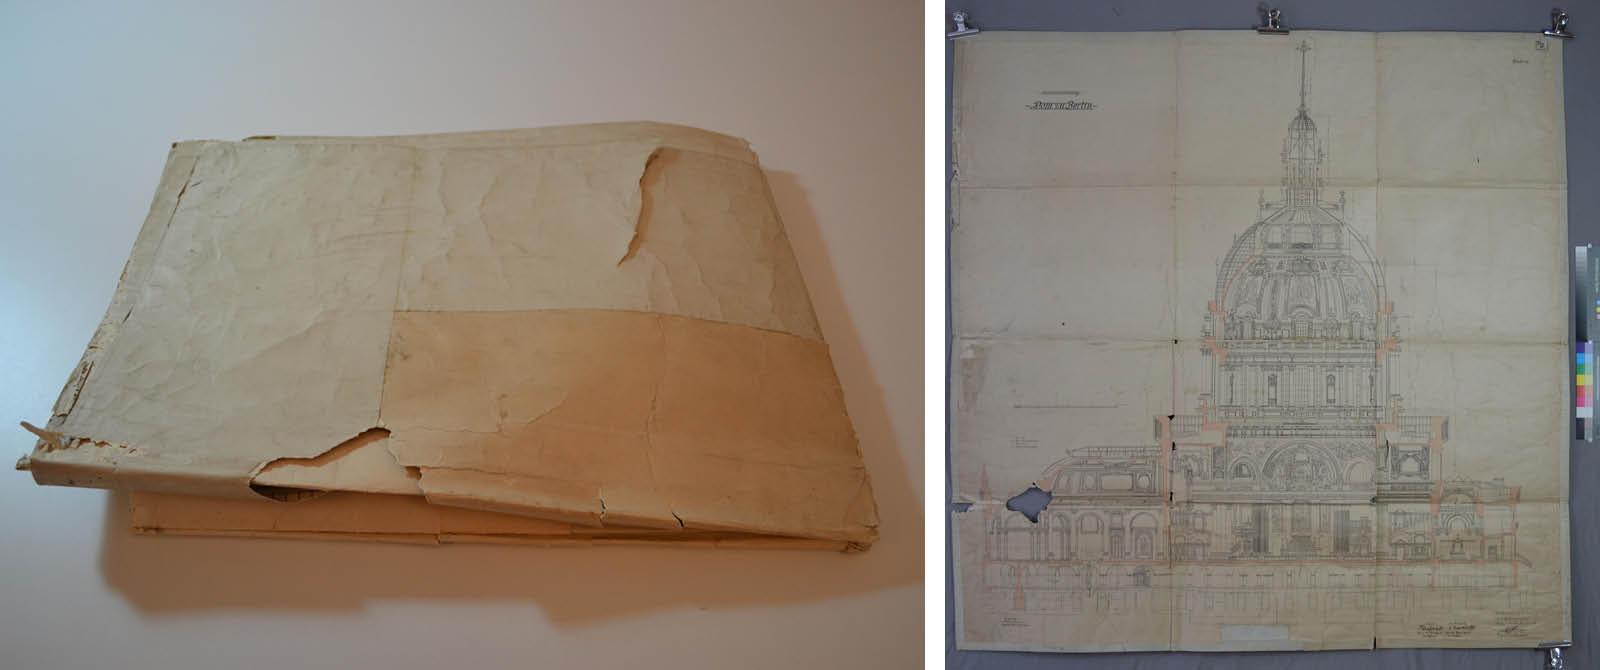 Entwurf von Julius Carl und Otto Raschdorff